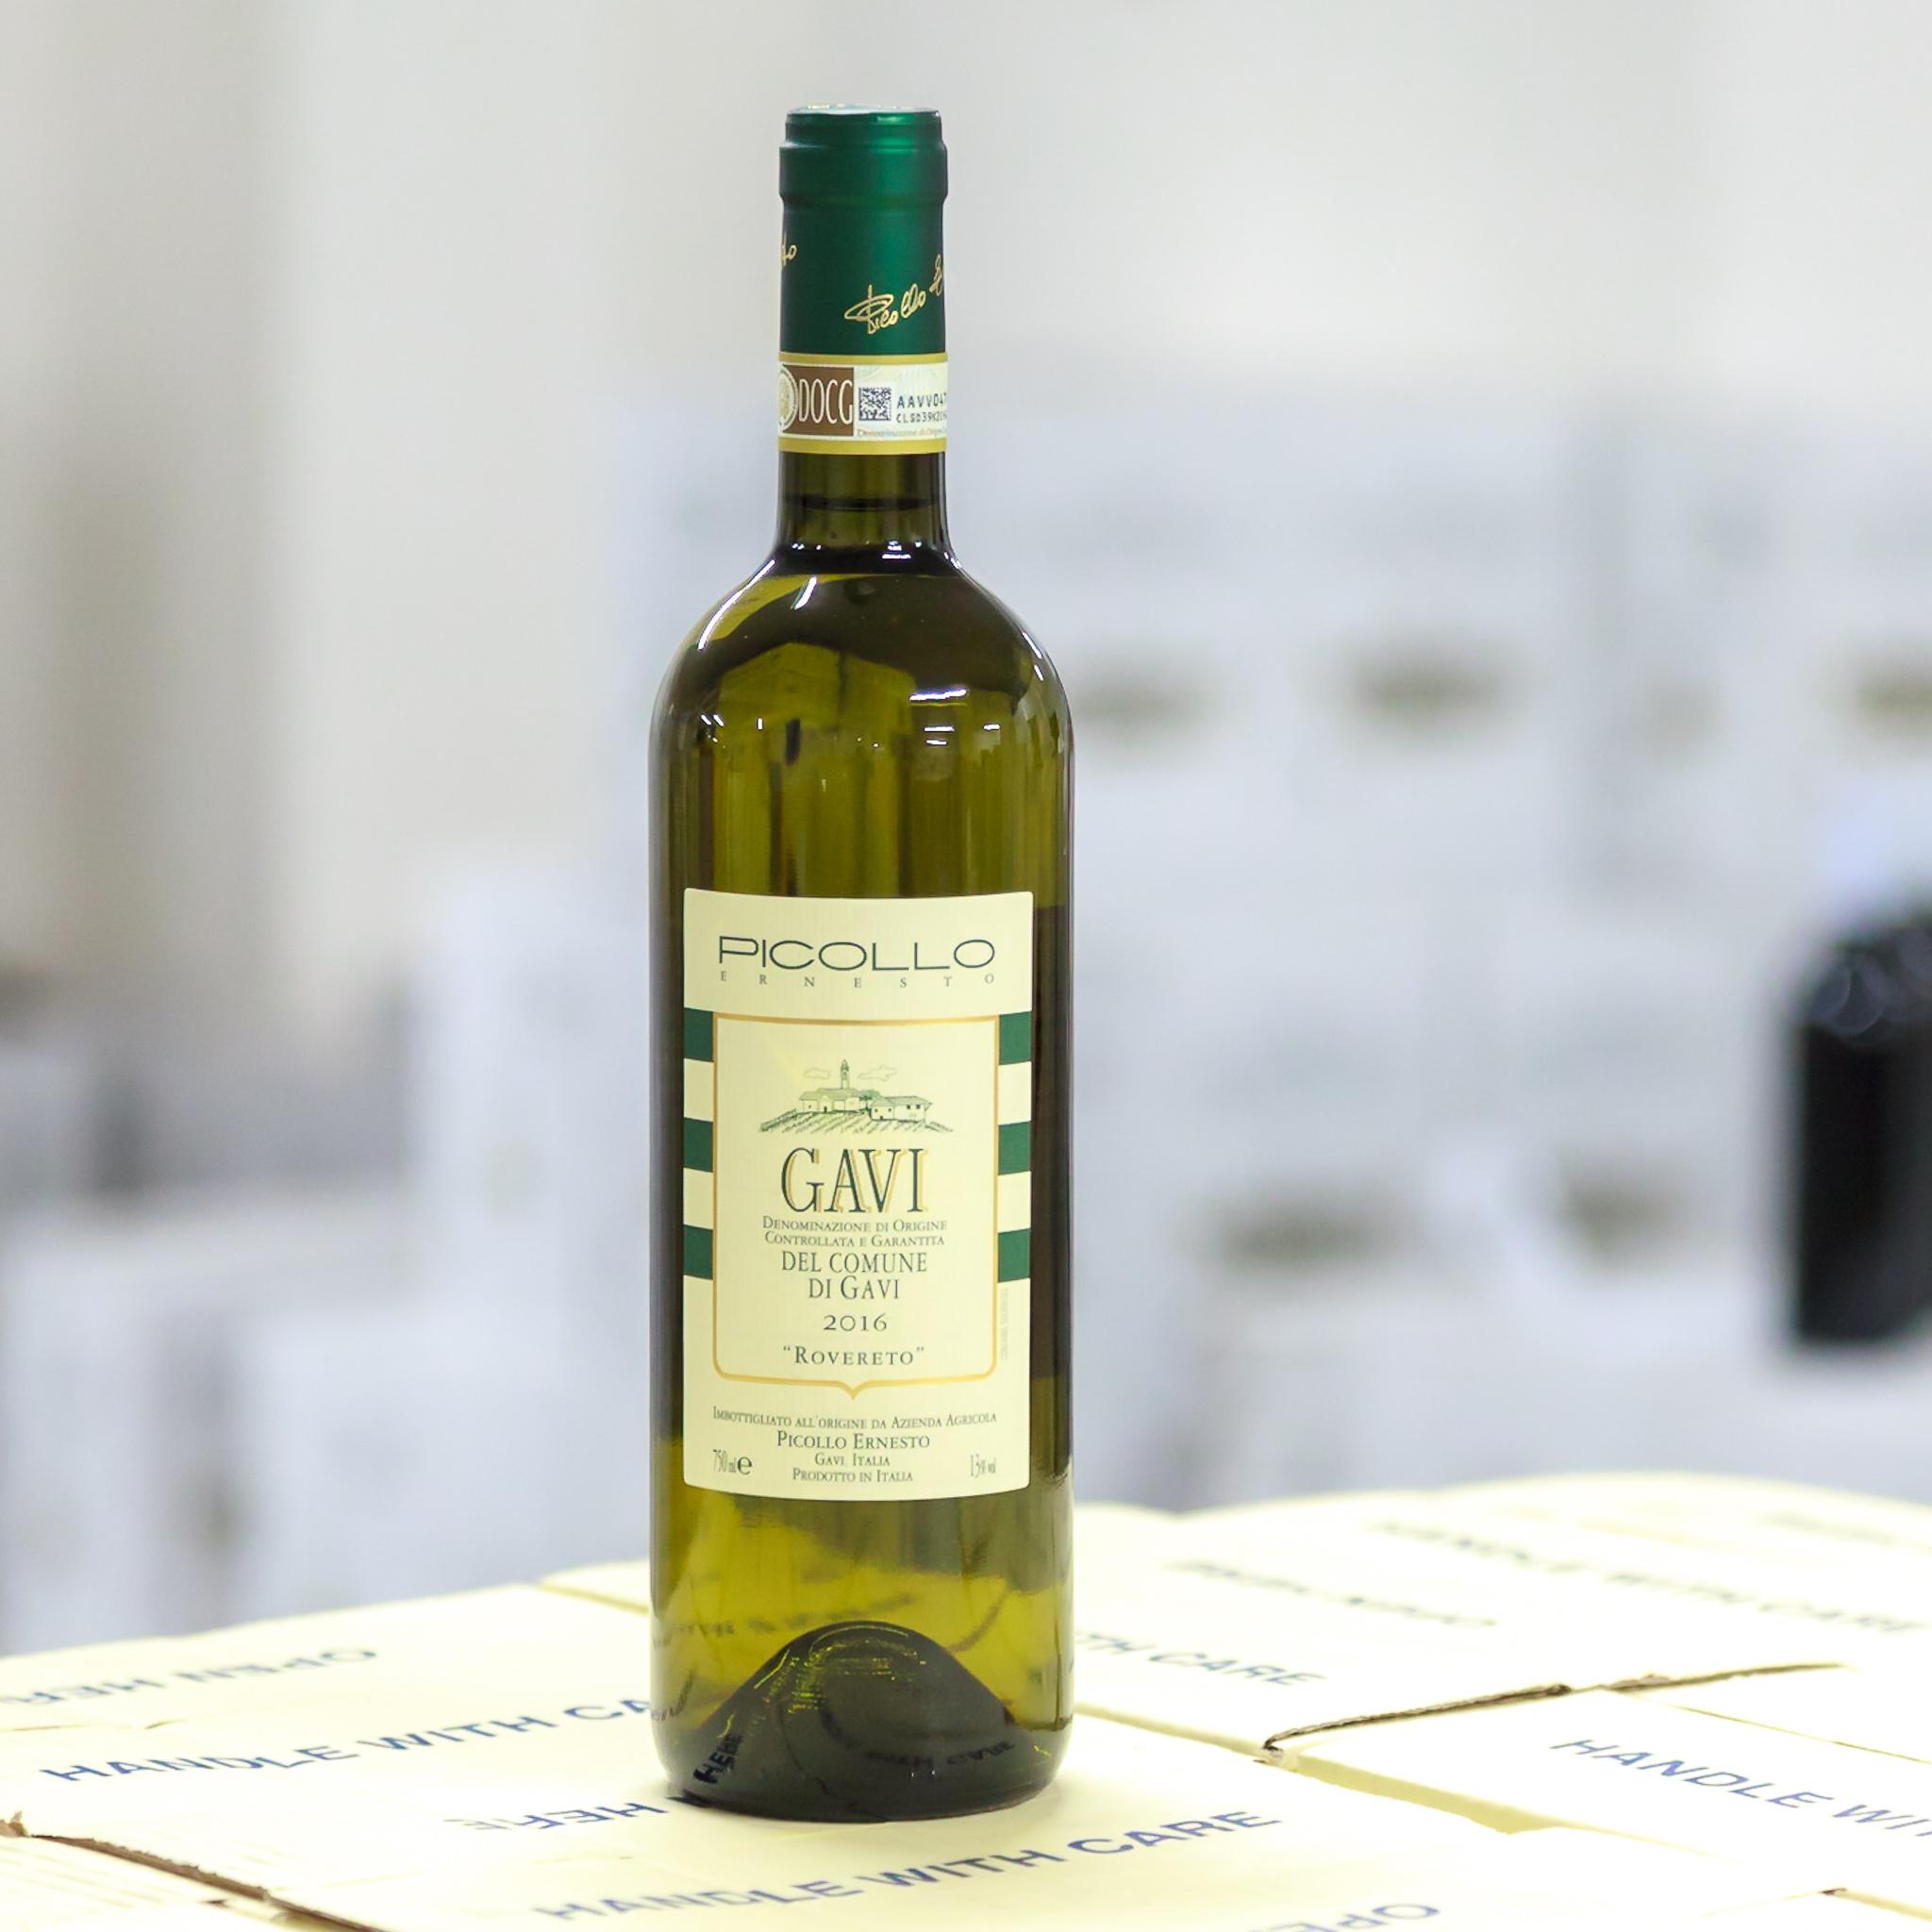 Gavi di Gavi DOCG Rovereto - Gavi je nejznámější bílé víno z Piemontu s jemnou kyselinkou a patří do nejvyšší klasifikací vín DOCG, 100% vyprodukováno z odrůdy Cortese.